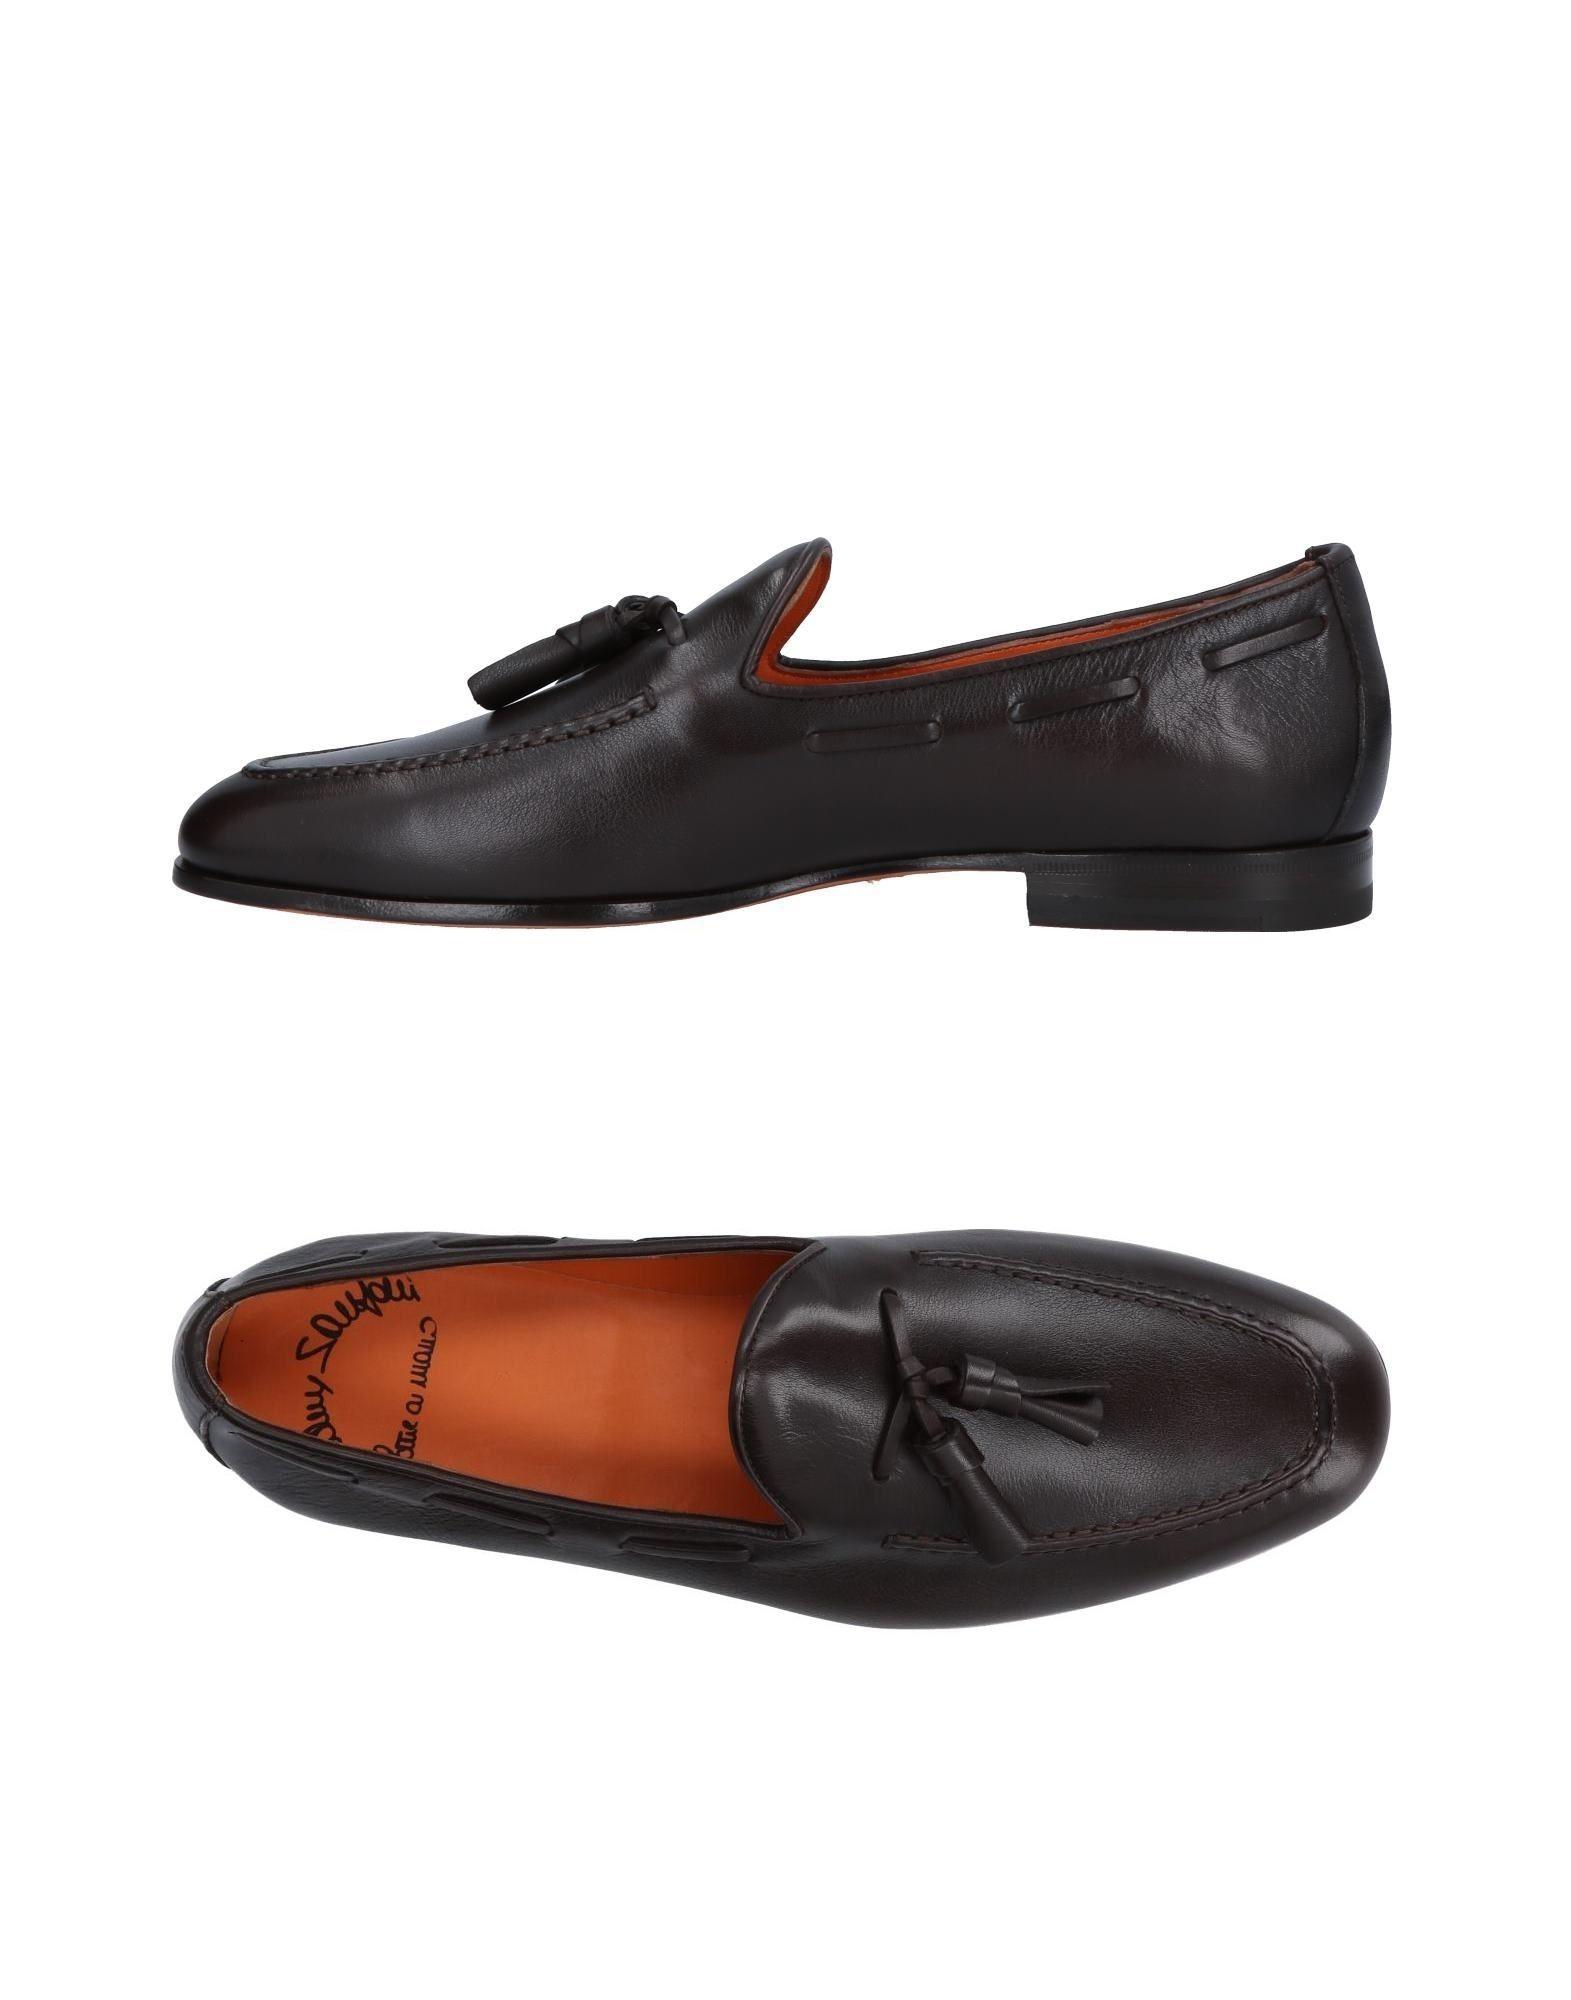 Santoni Mokassins Herren  11478538FX Gute Qualität beliebte Schuhe